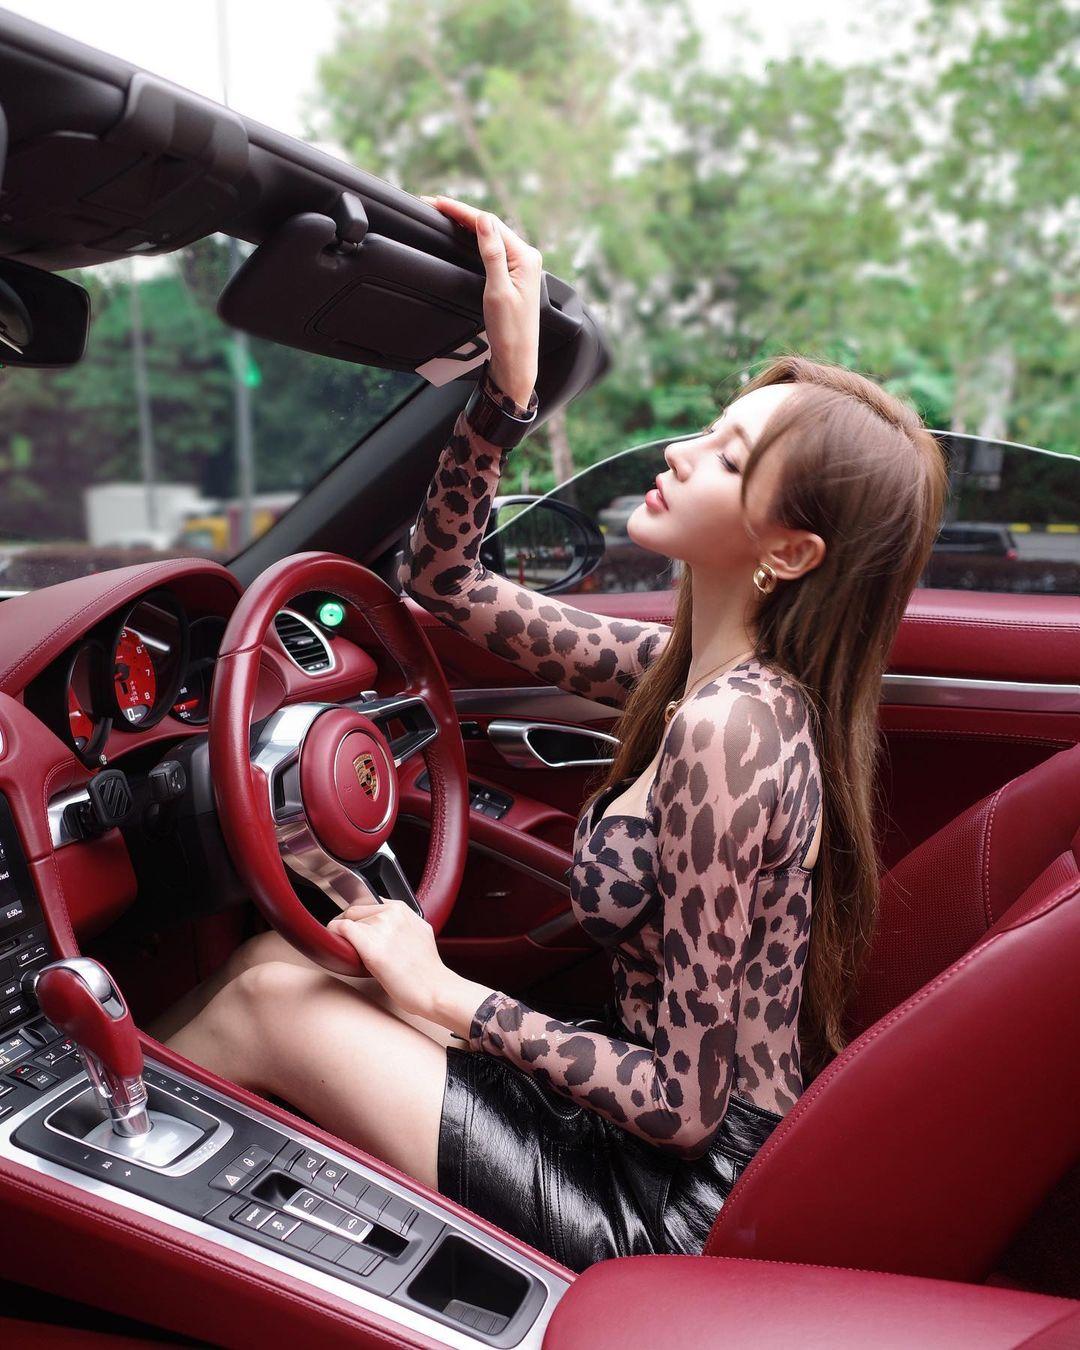 Trên trang cá nhân, Thi Kỳ chia sẻ nhiều ảnh cho thấy cuộc sống sang chảnh, ở nhà đẹp, đi xe sang, đeo đồng hồ hàng triệu HKD. Vì thế, cô dính tin đồn được bao nuôi, cặp với đại gia. Dù vậy, cô gái luôn phủ nhận.